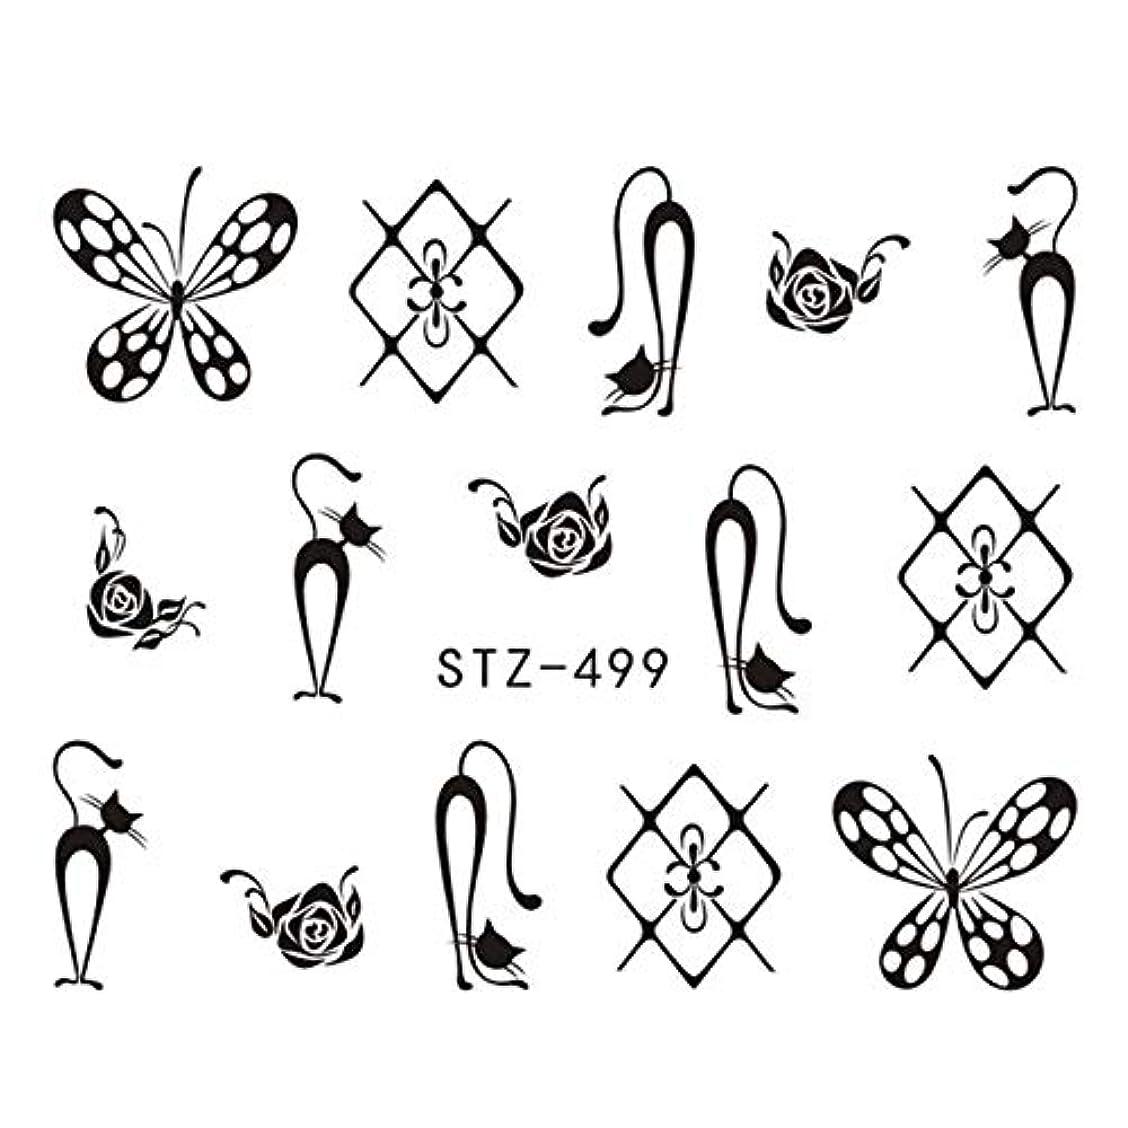 でレインコートプットCELINEZL CELINEZL 3 PCS DIYファッション水転写アートデカールネイルステッカー(STZ500) (色 : STZ499)